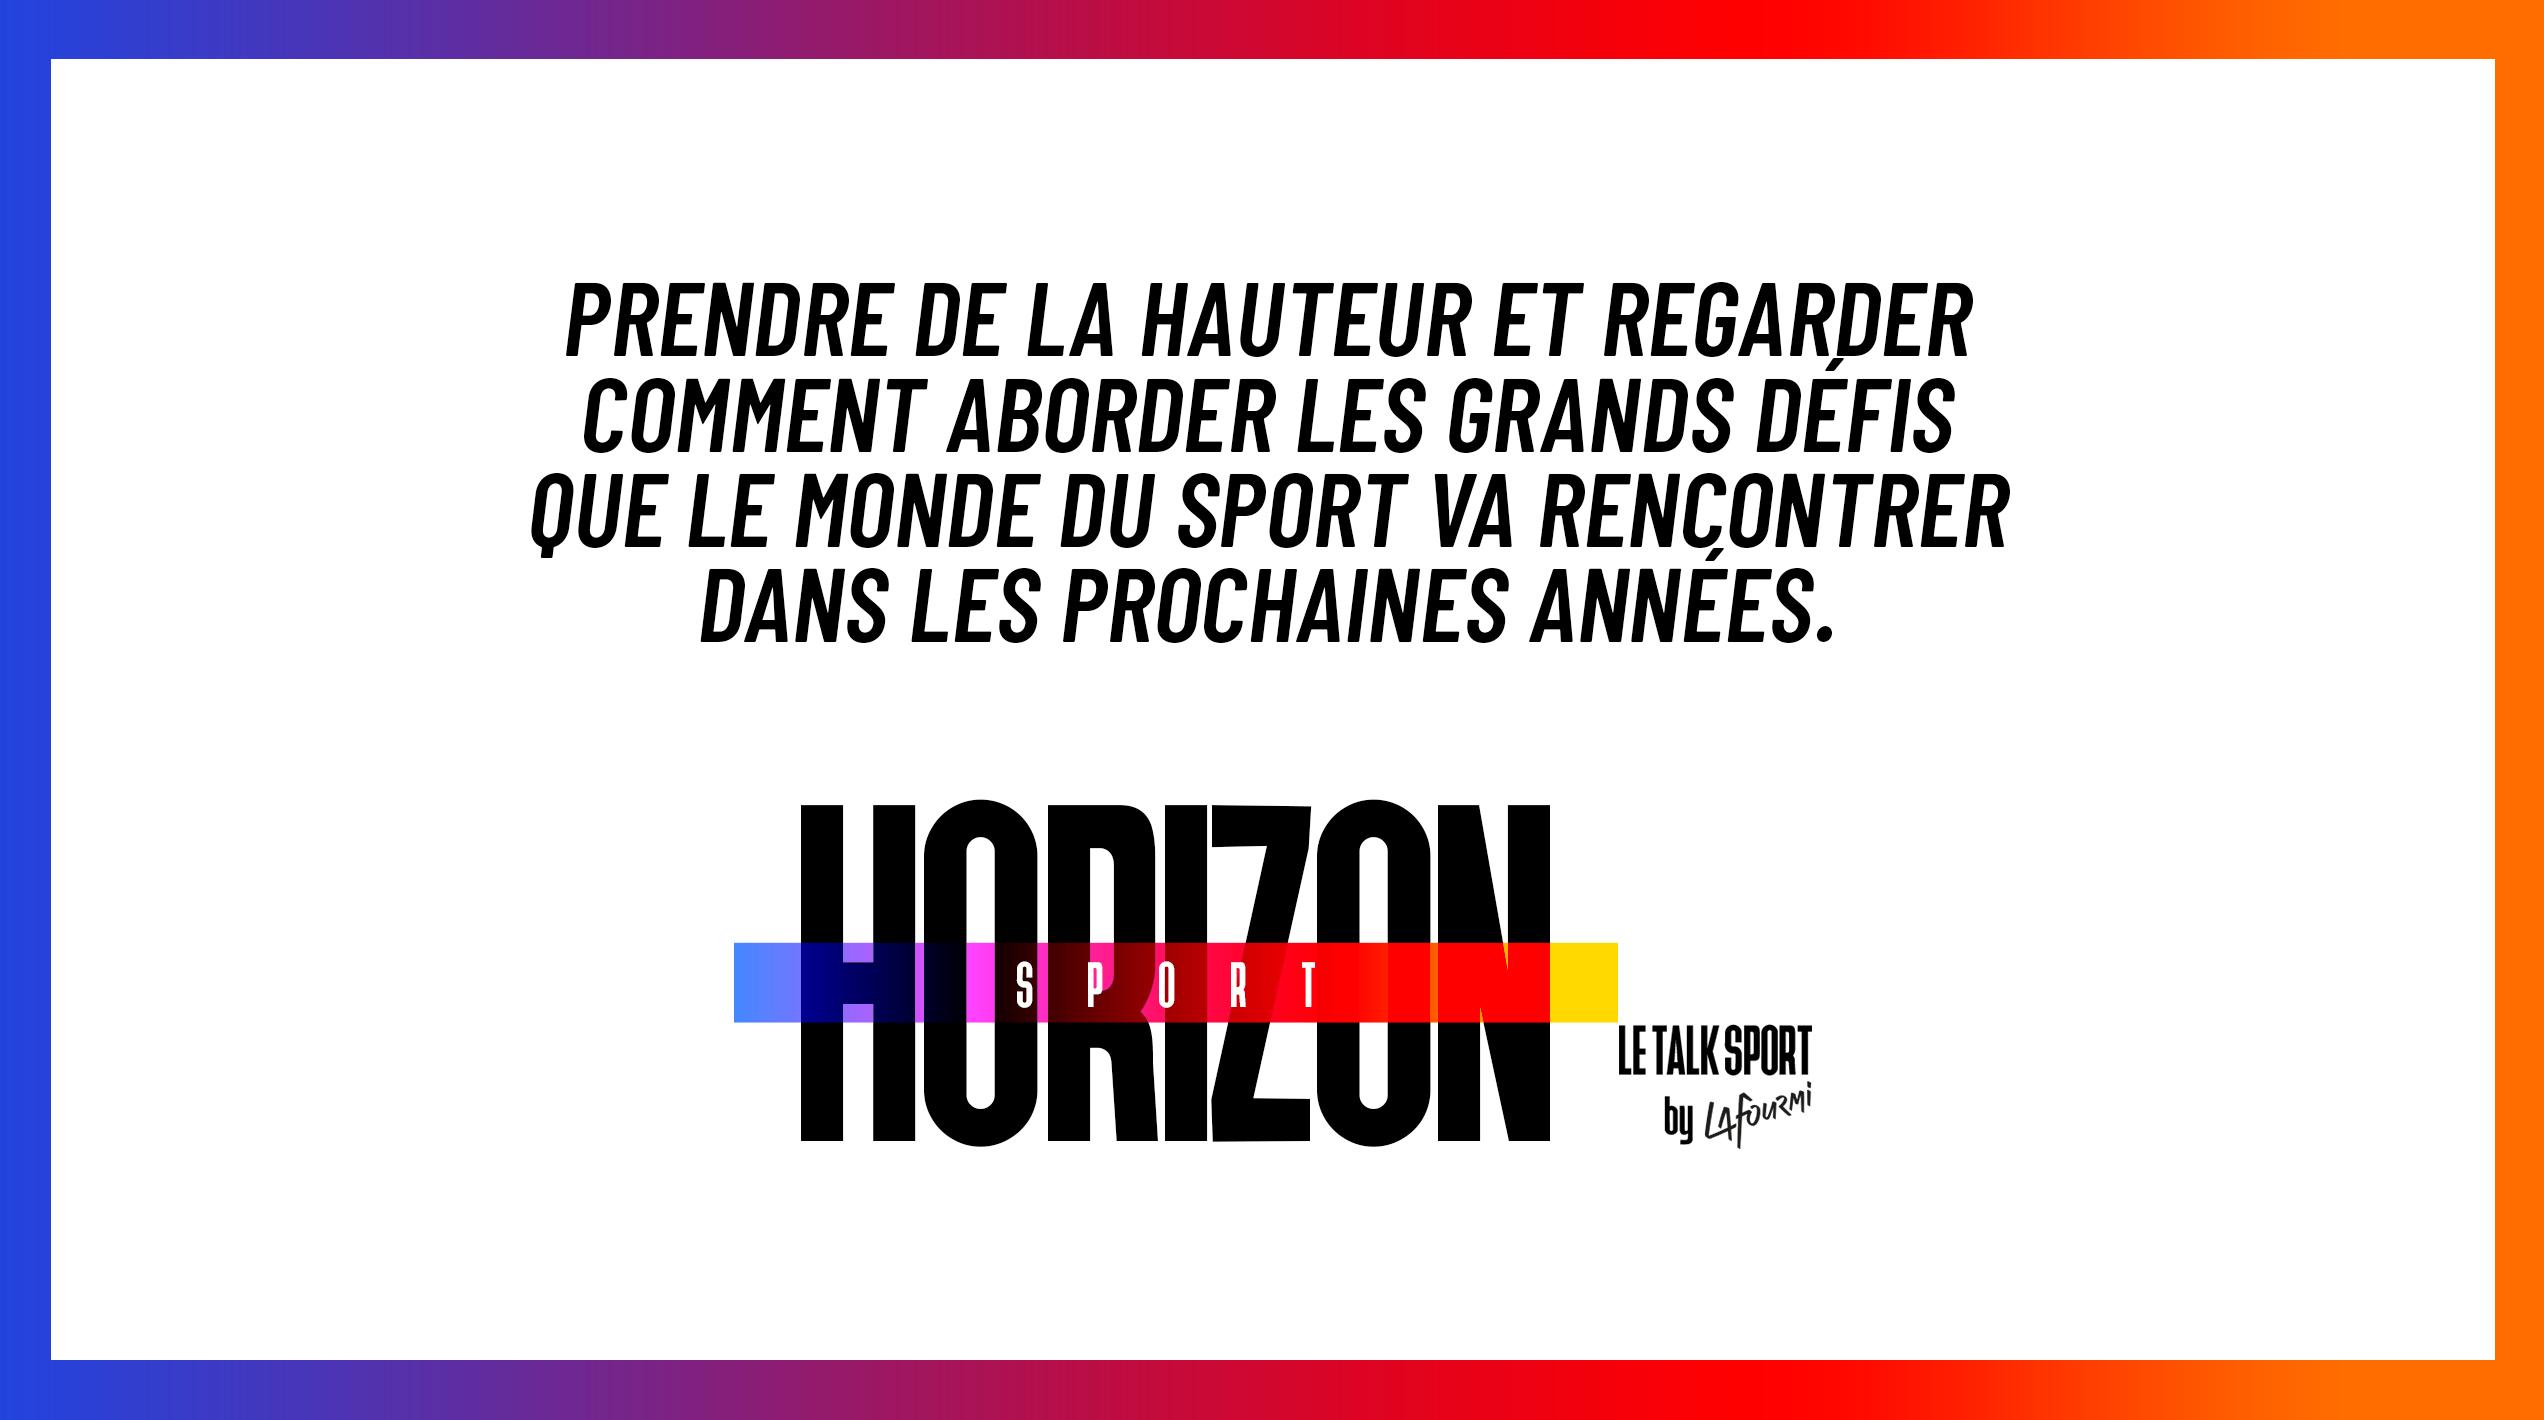 visuel_corps_activation_projet_strategie_lancement_horizon_sport_nouveau_talk_podcast_prendre_de_la_hauteur_defis_monde_de_demain_avril_2020_lafourmi